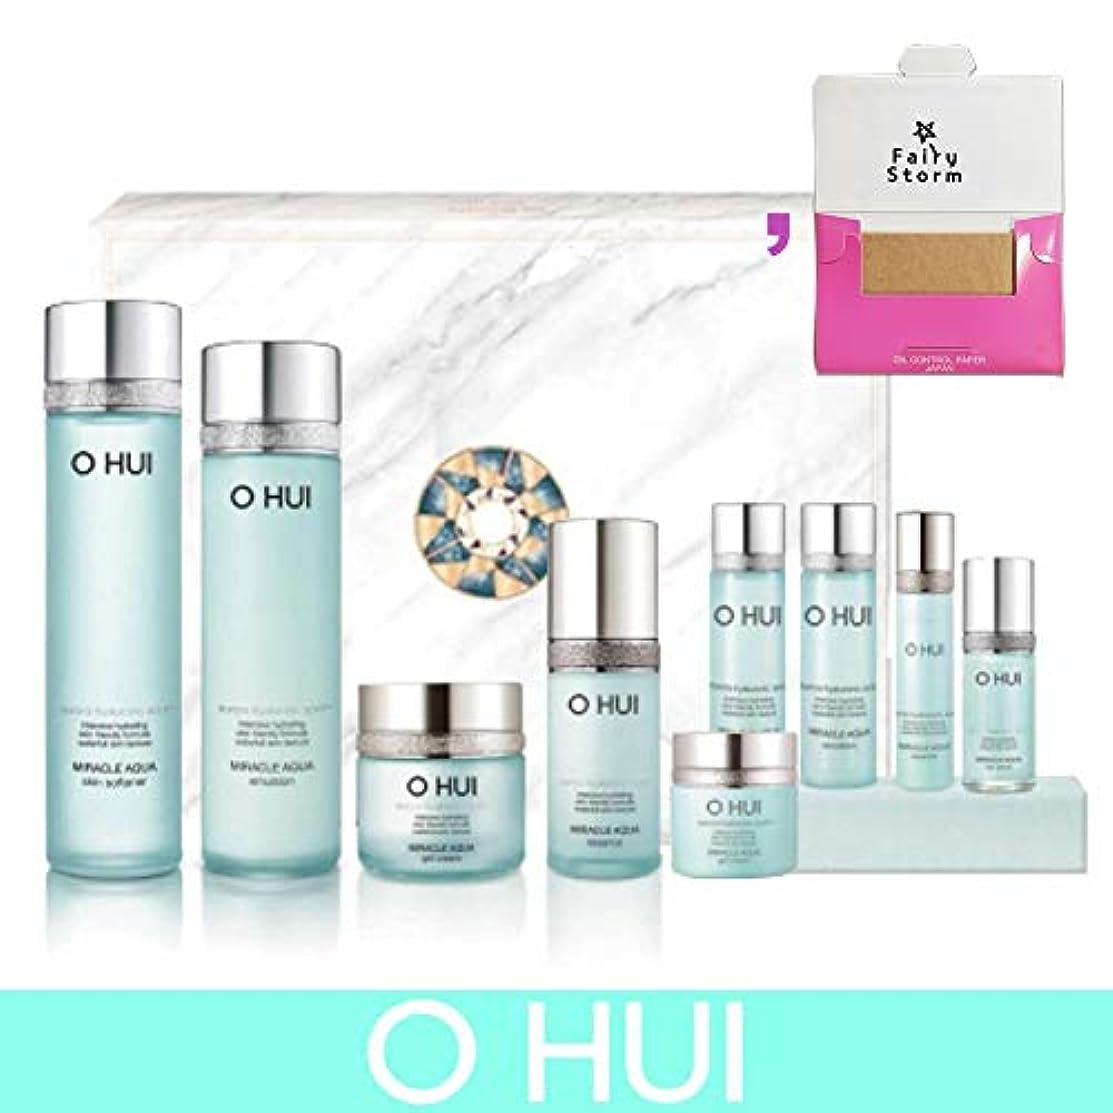 ラショナル受信幻影[オフィ/O HUI]韓国化粧品 LG生活健康/O HUI MIRACLE AQUA SPECIAL 4EA SET/ミラクル アクア 4種セット + [Sample Gift](海外直送品)